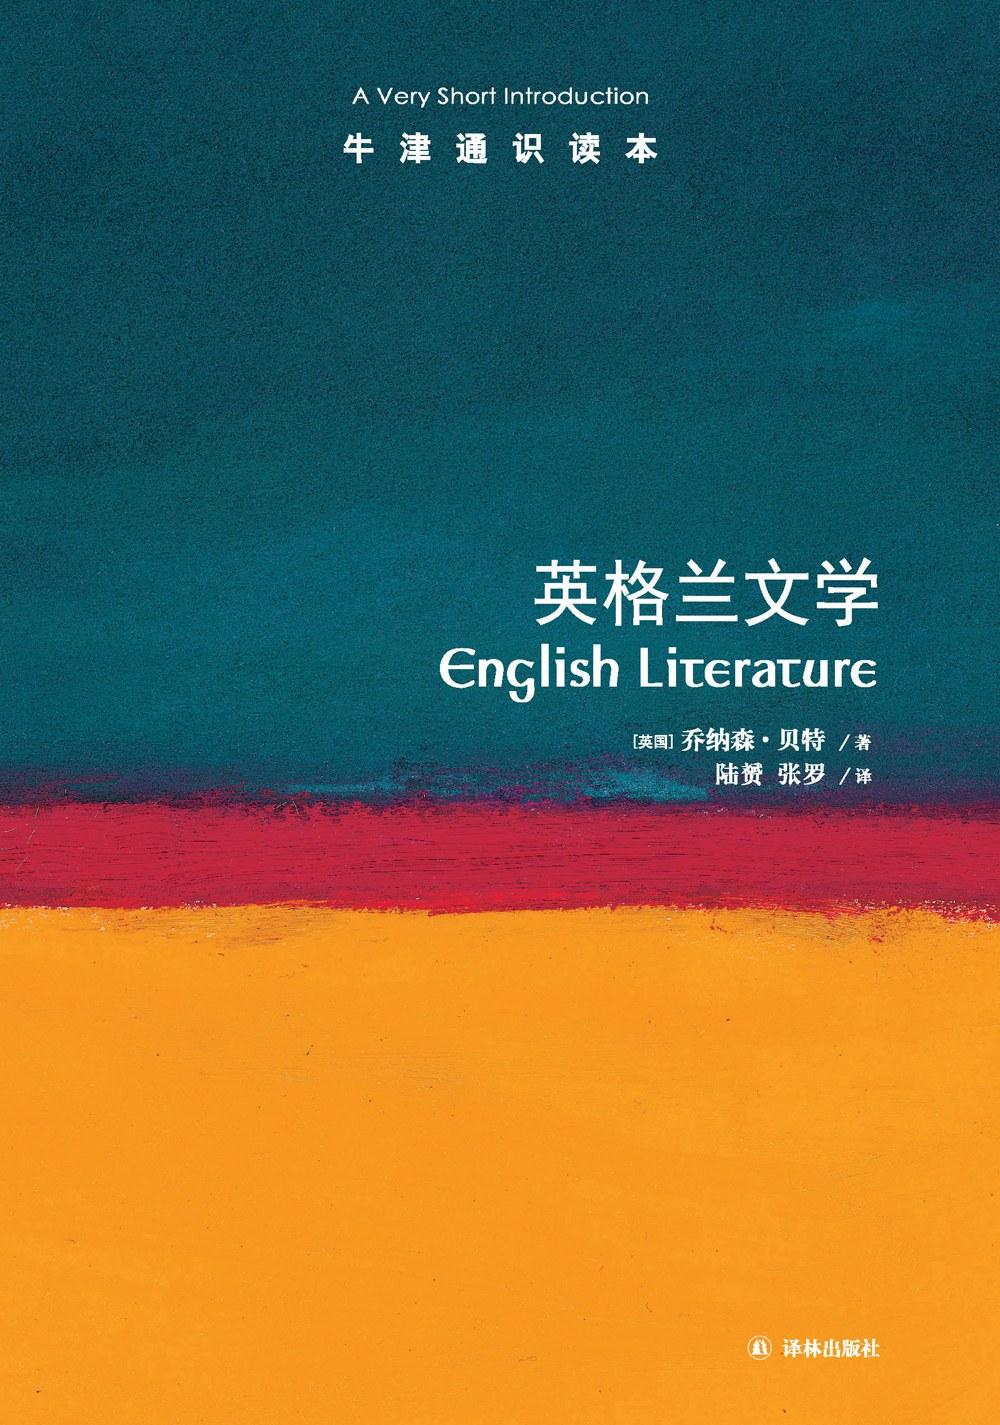 英格兰文学-好书天下